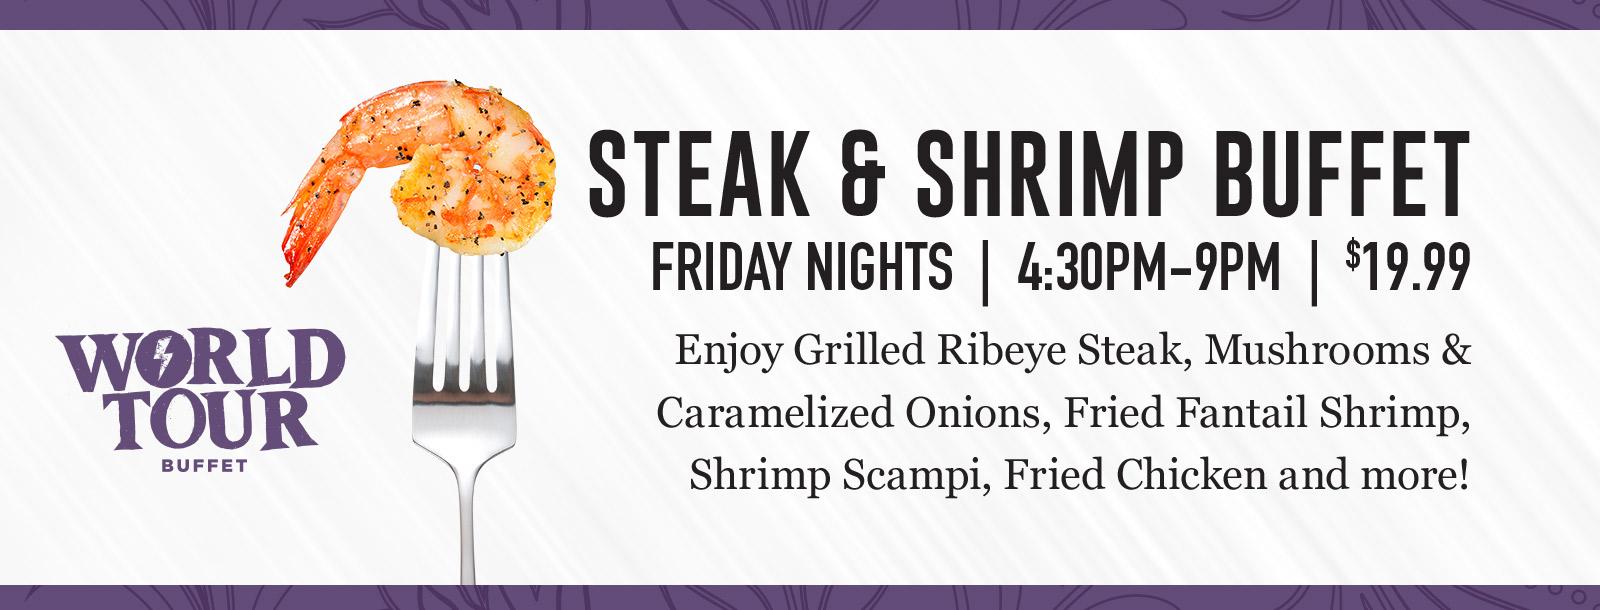 steak shrimp buffet